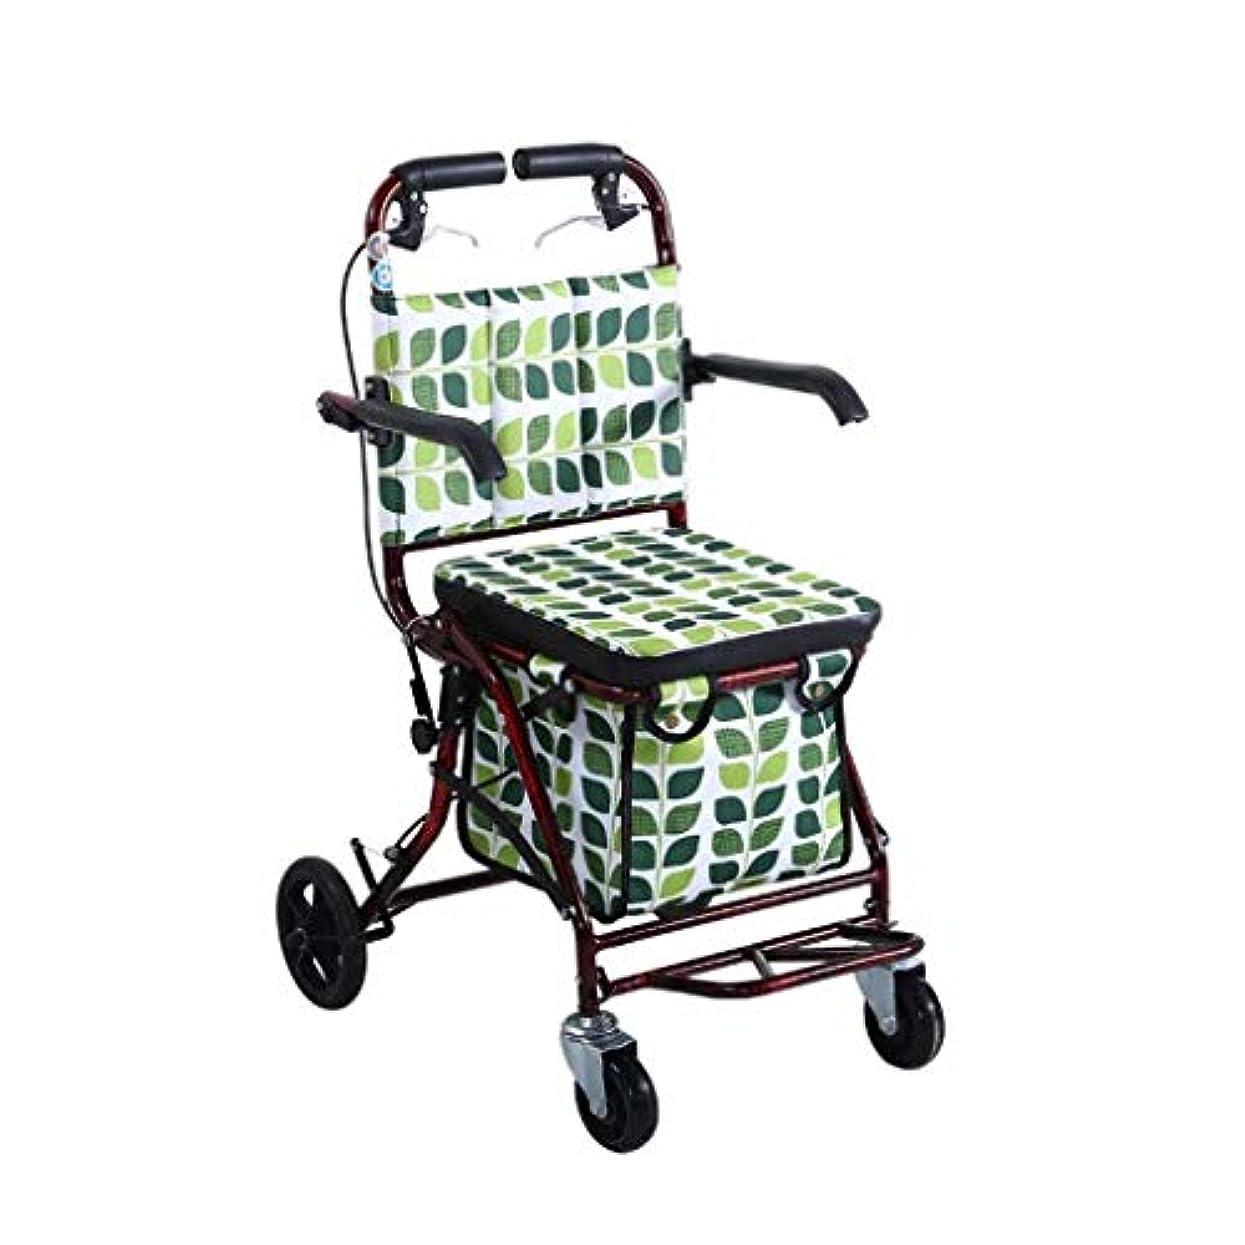 テクニカル通行人ラフショッピングトロリー、老人ポータブル四輪歩行者は、背もたれ、パッド入りシート、フットレスト付きの折りたたみ車椅子に乗る